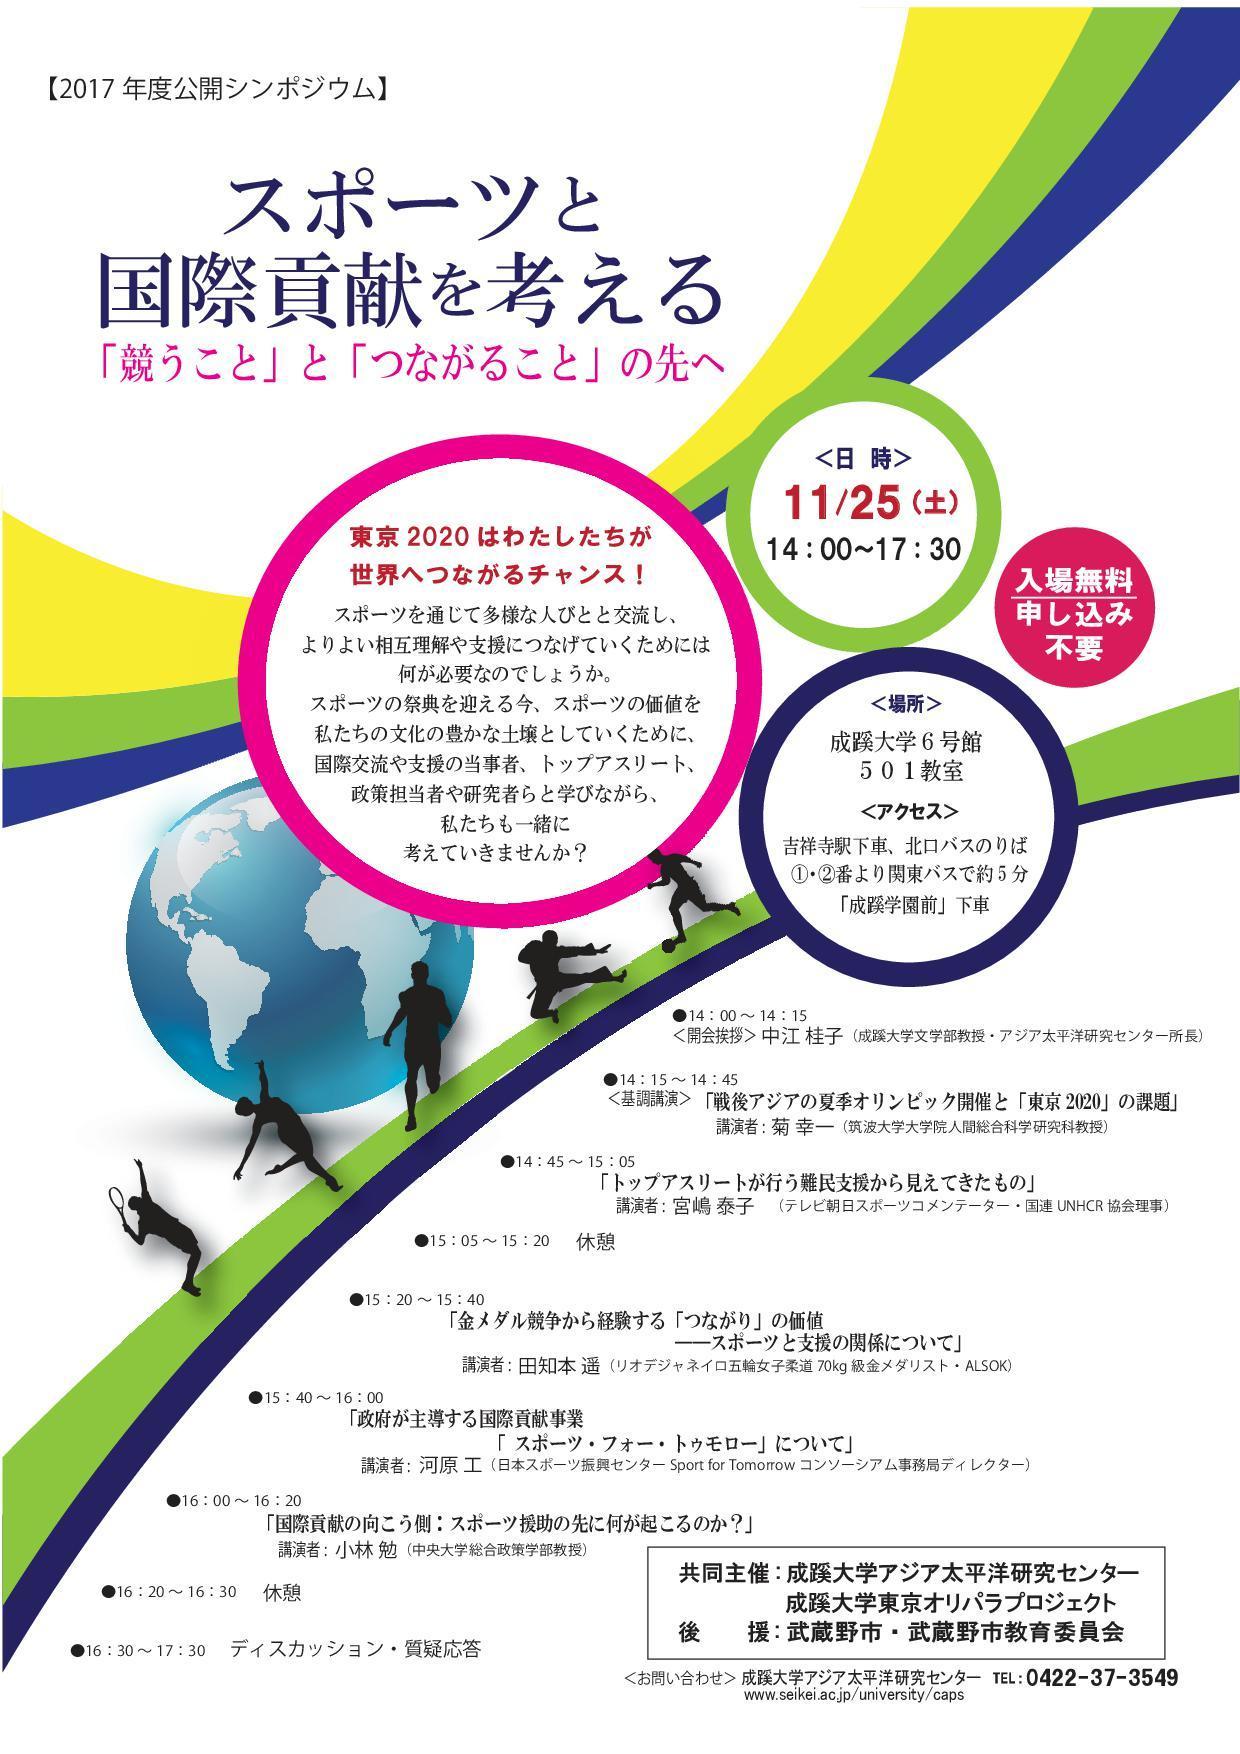 成蹊大学が11月25日に公開シンポジウム「スポーツと国際貢献を考える -- 『競うこと』と『つながること』の先へ」を開催